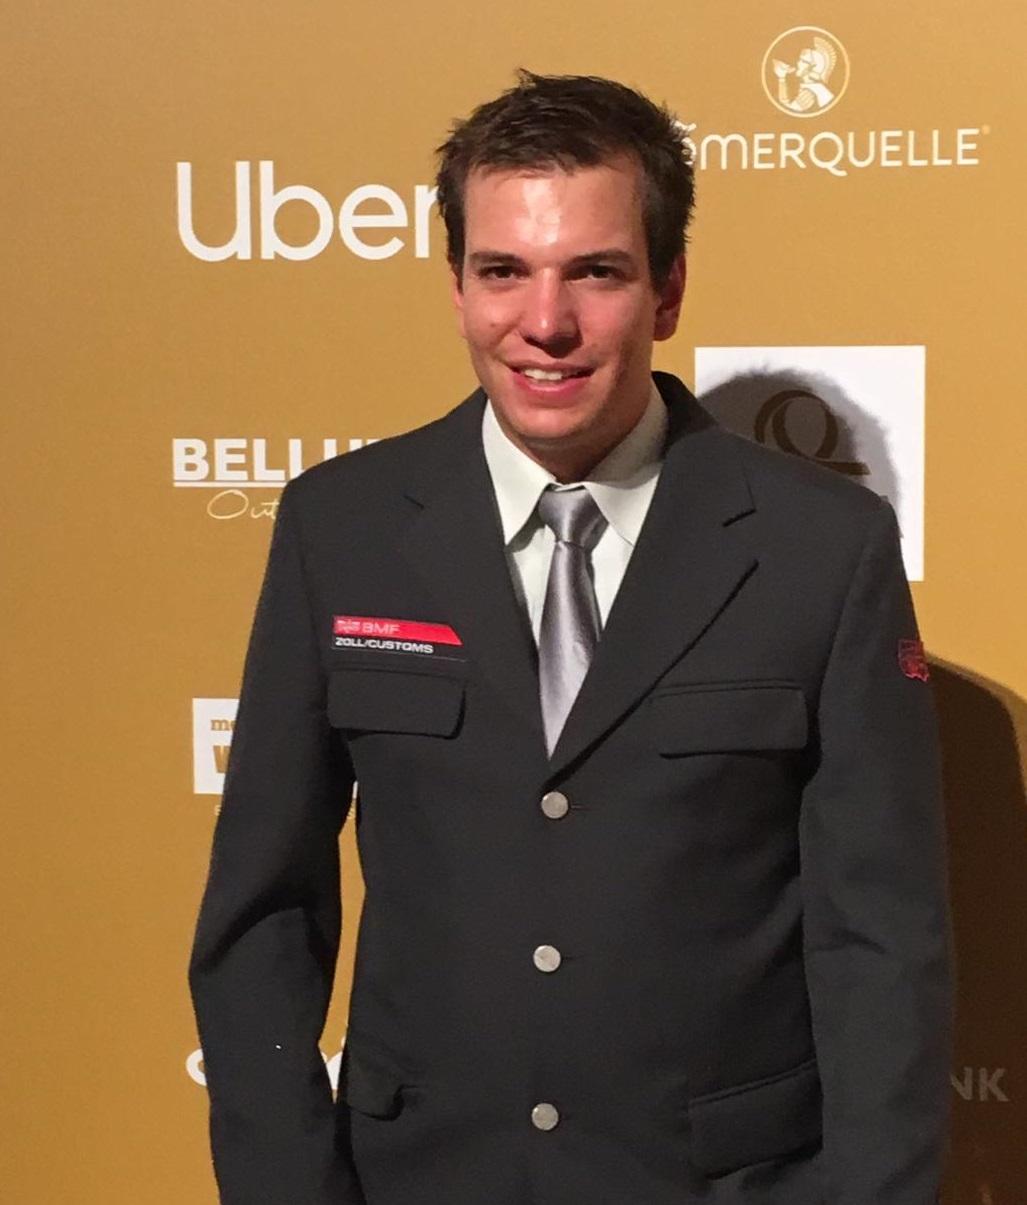 Salcher Dritter bei Wahl zum Sportler des Jahres mit Behinderung